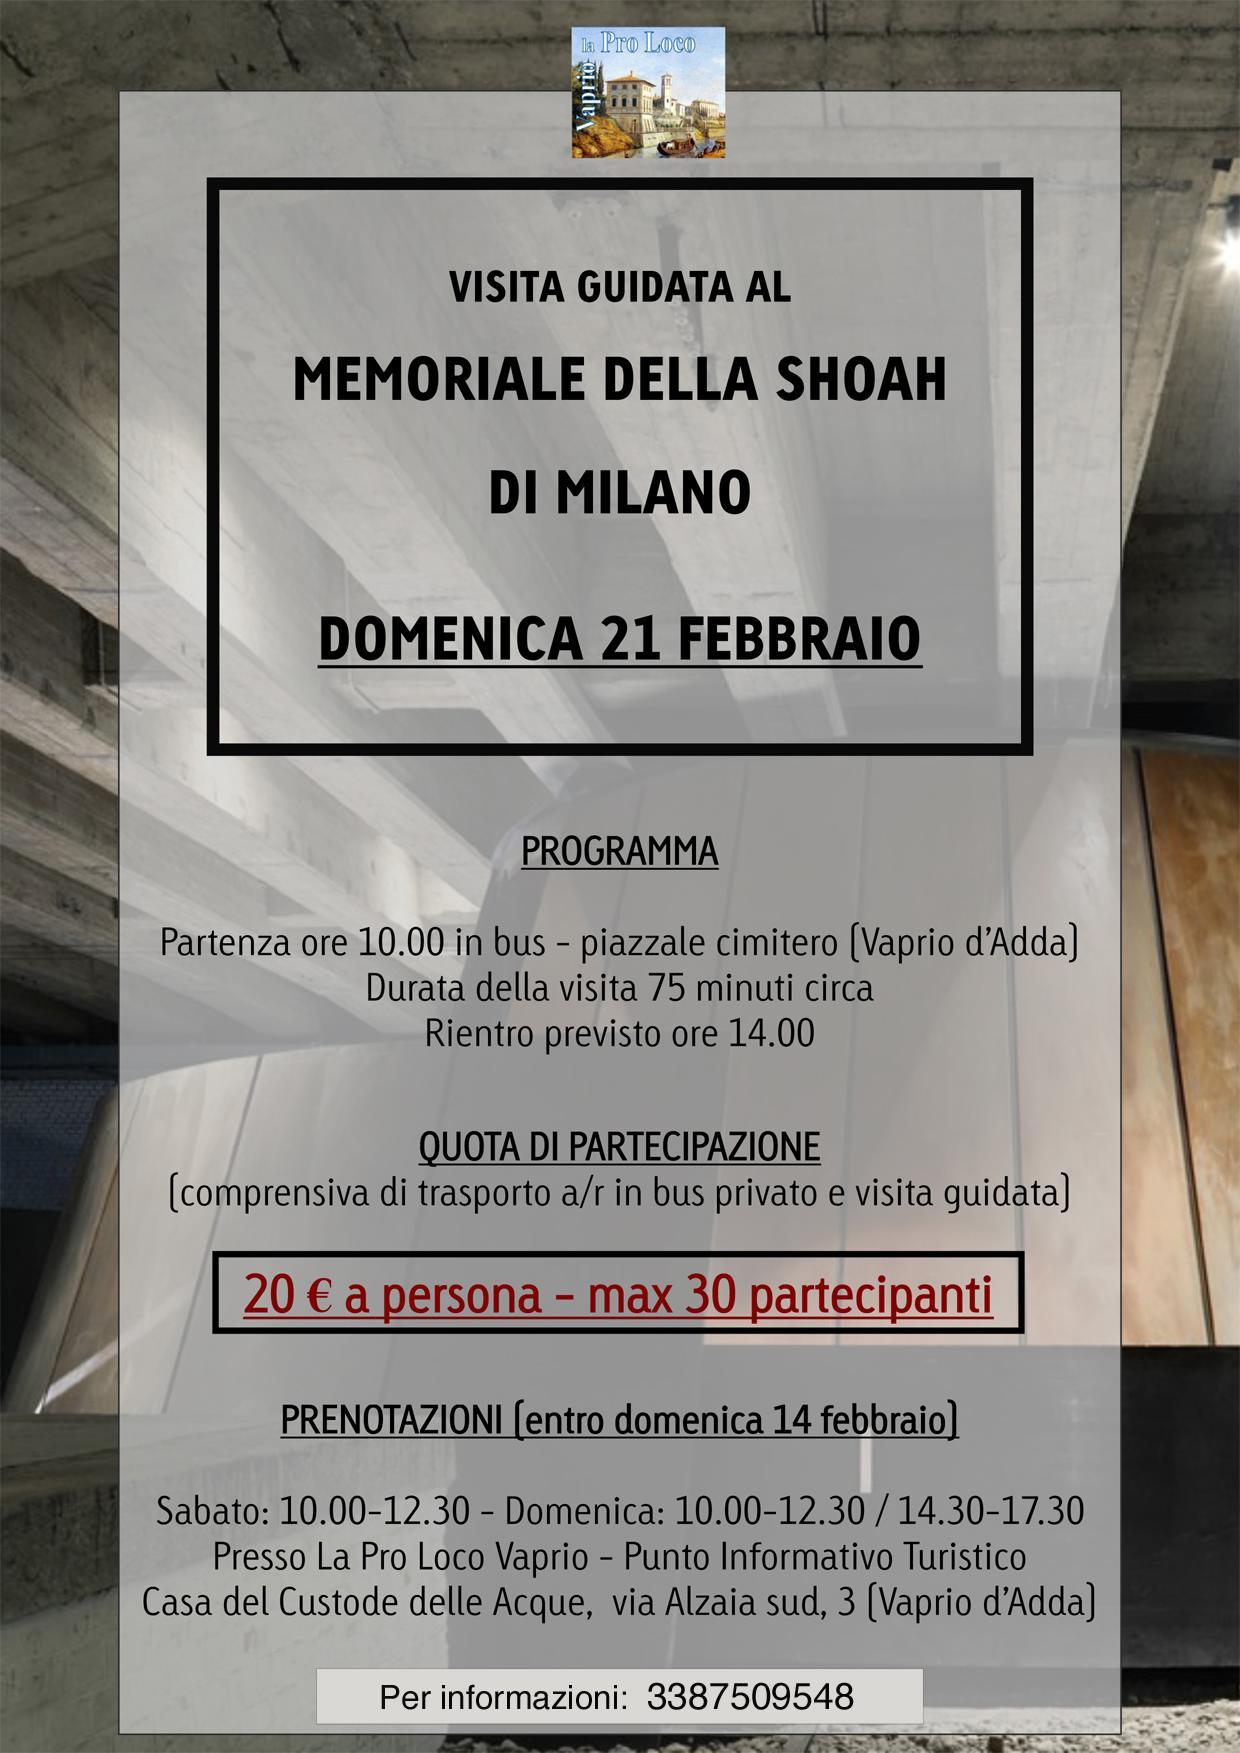 memoriale-shoah